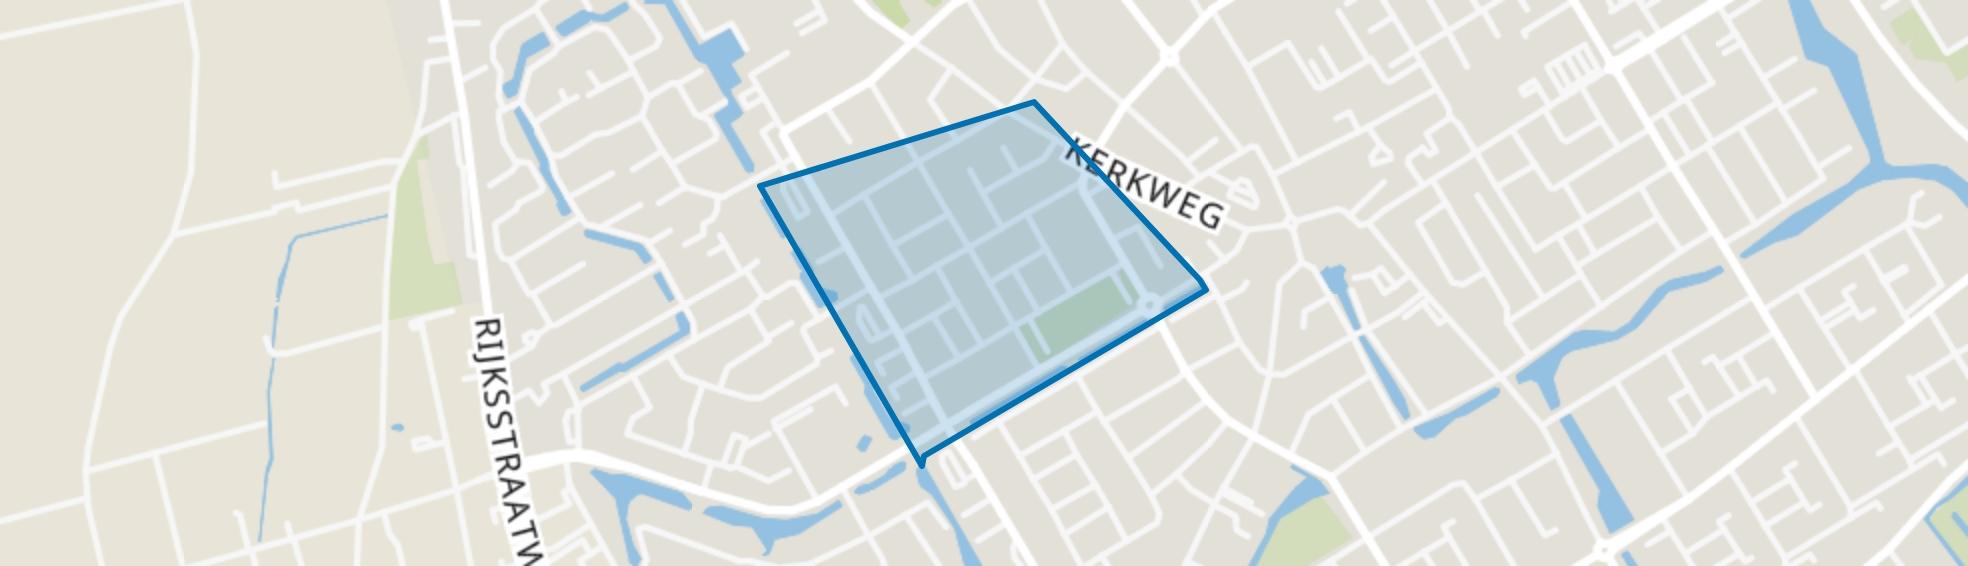 Onderwijzersbuurt, Heemskerk map